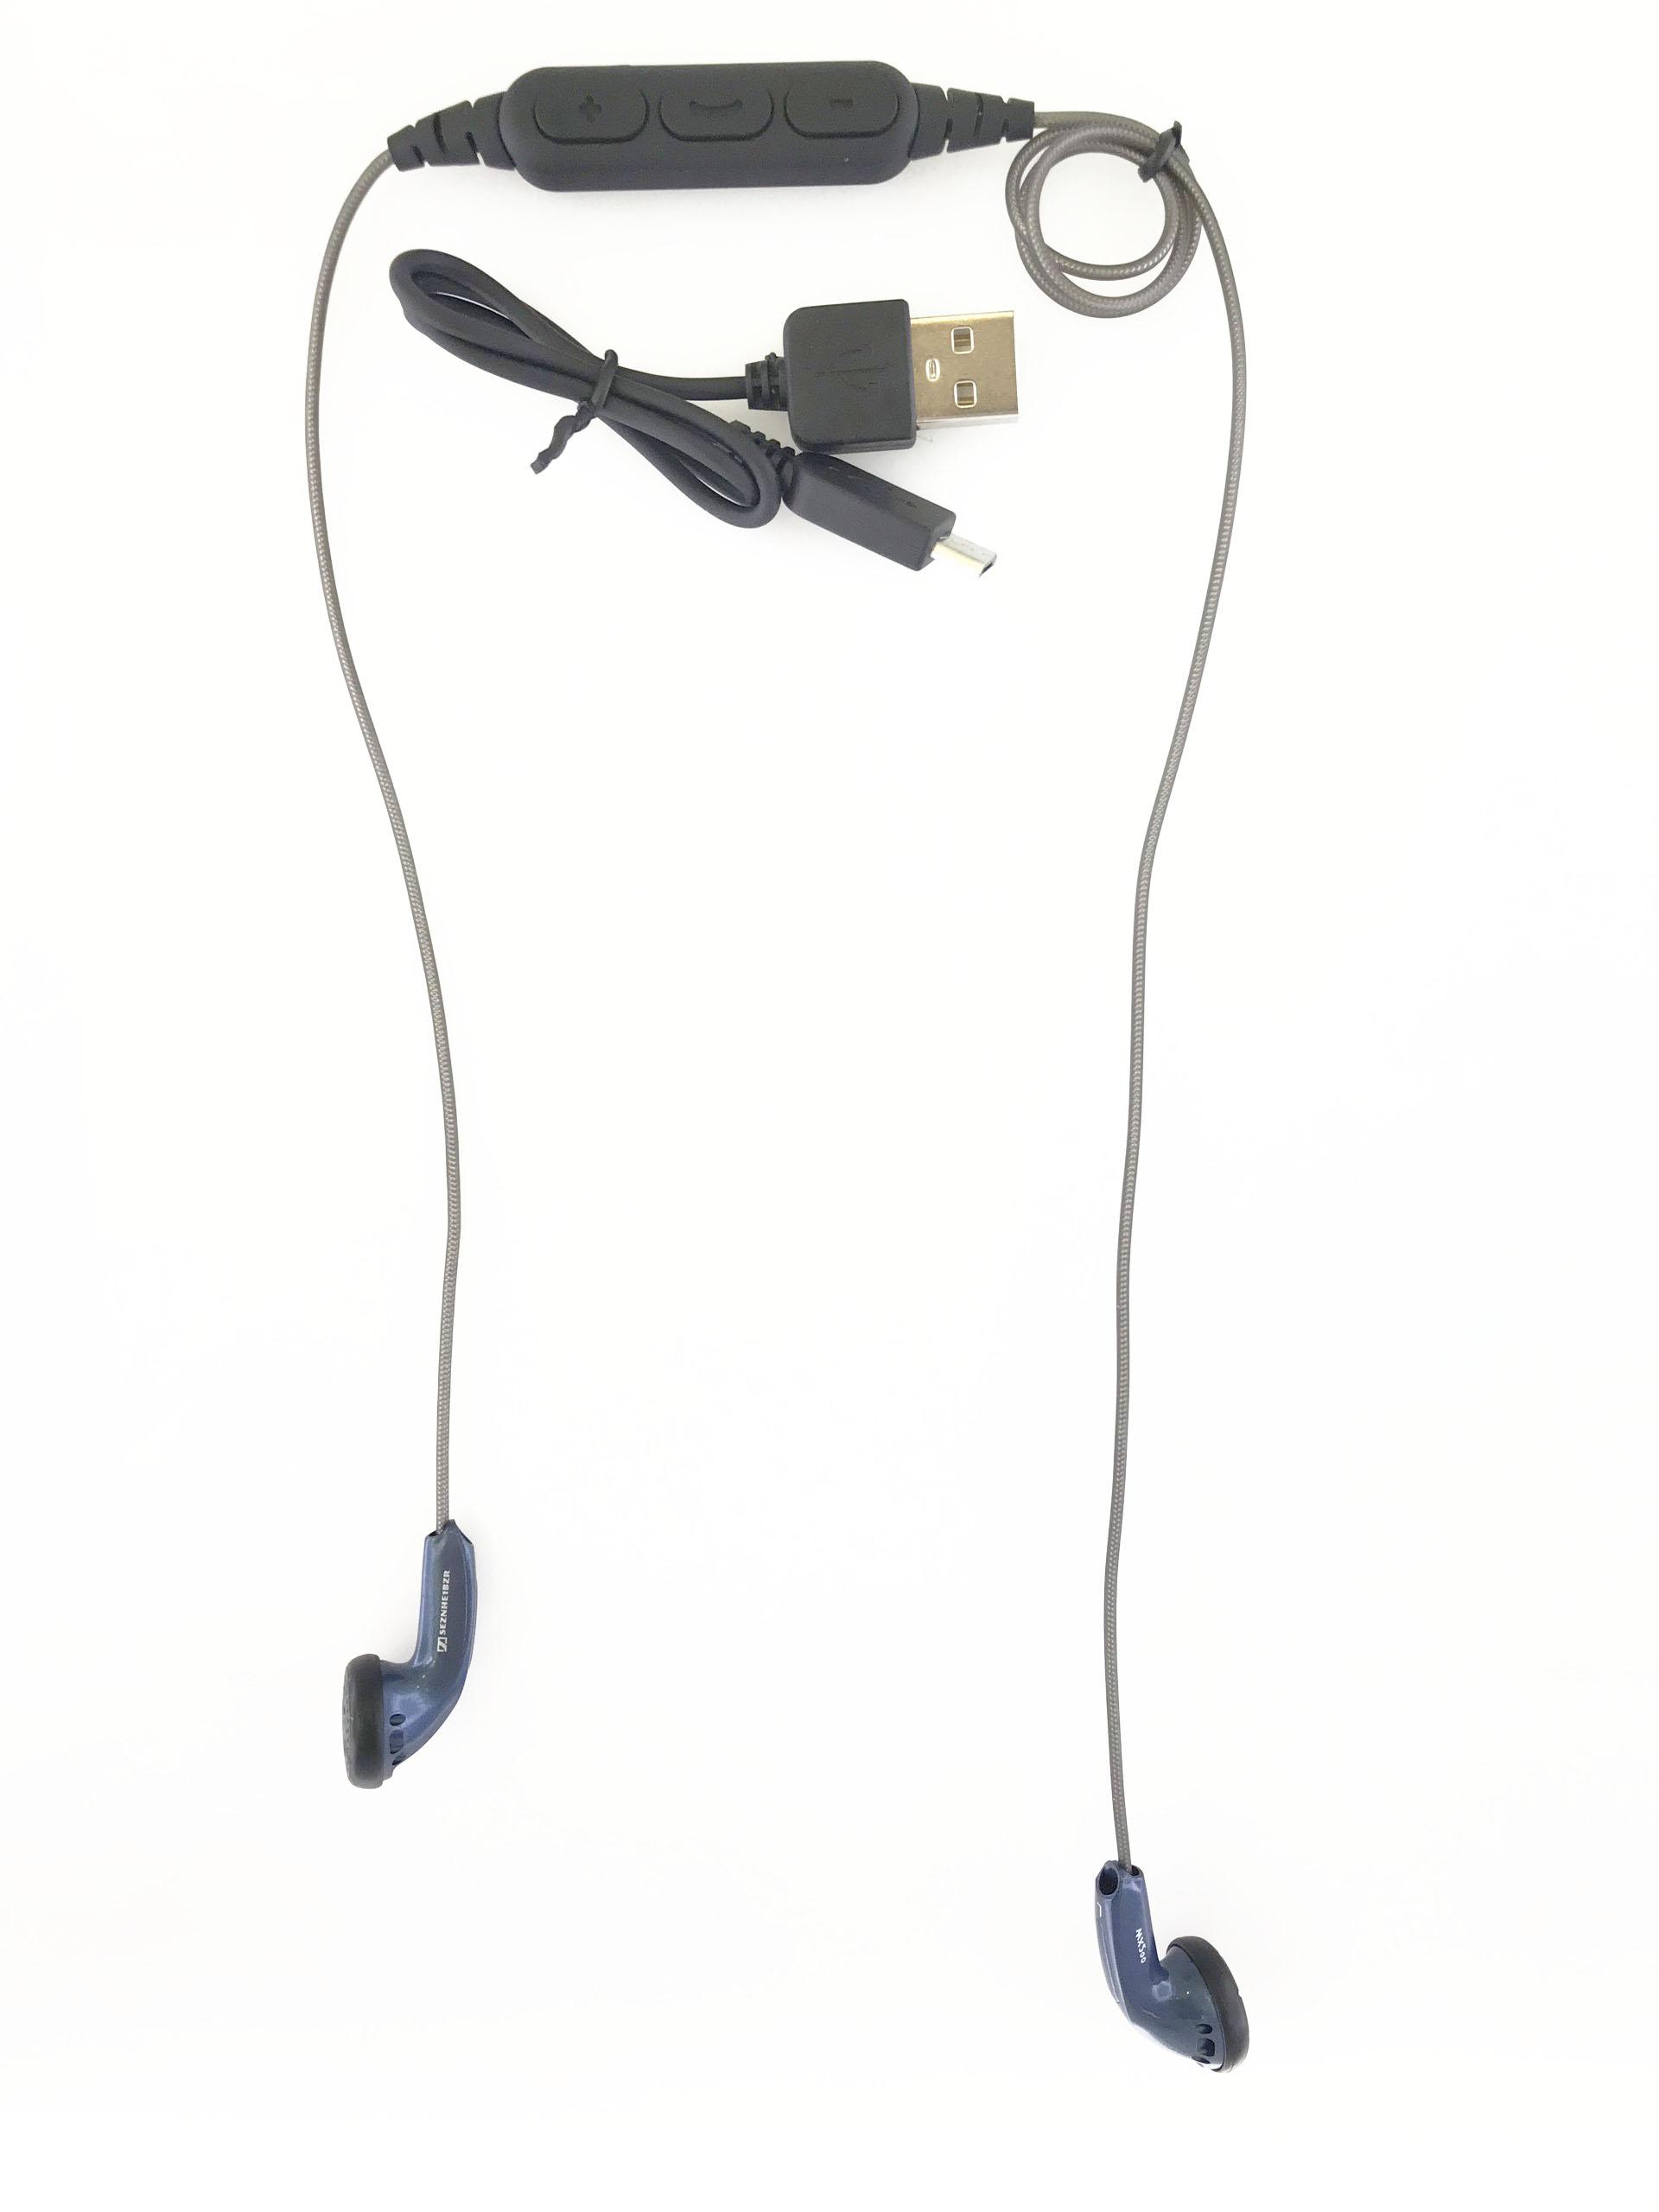 TAI NGHE SENNHEISER MX500 BLUETOOTH